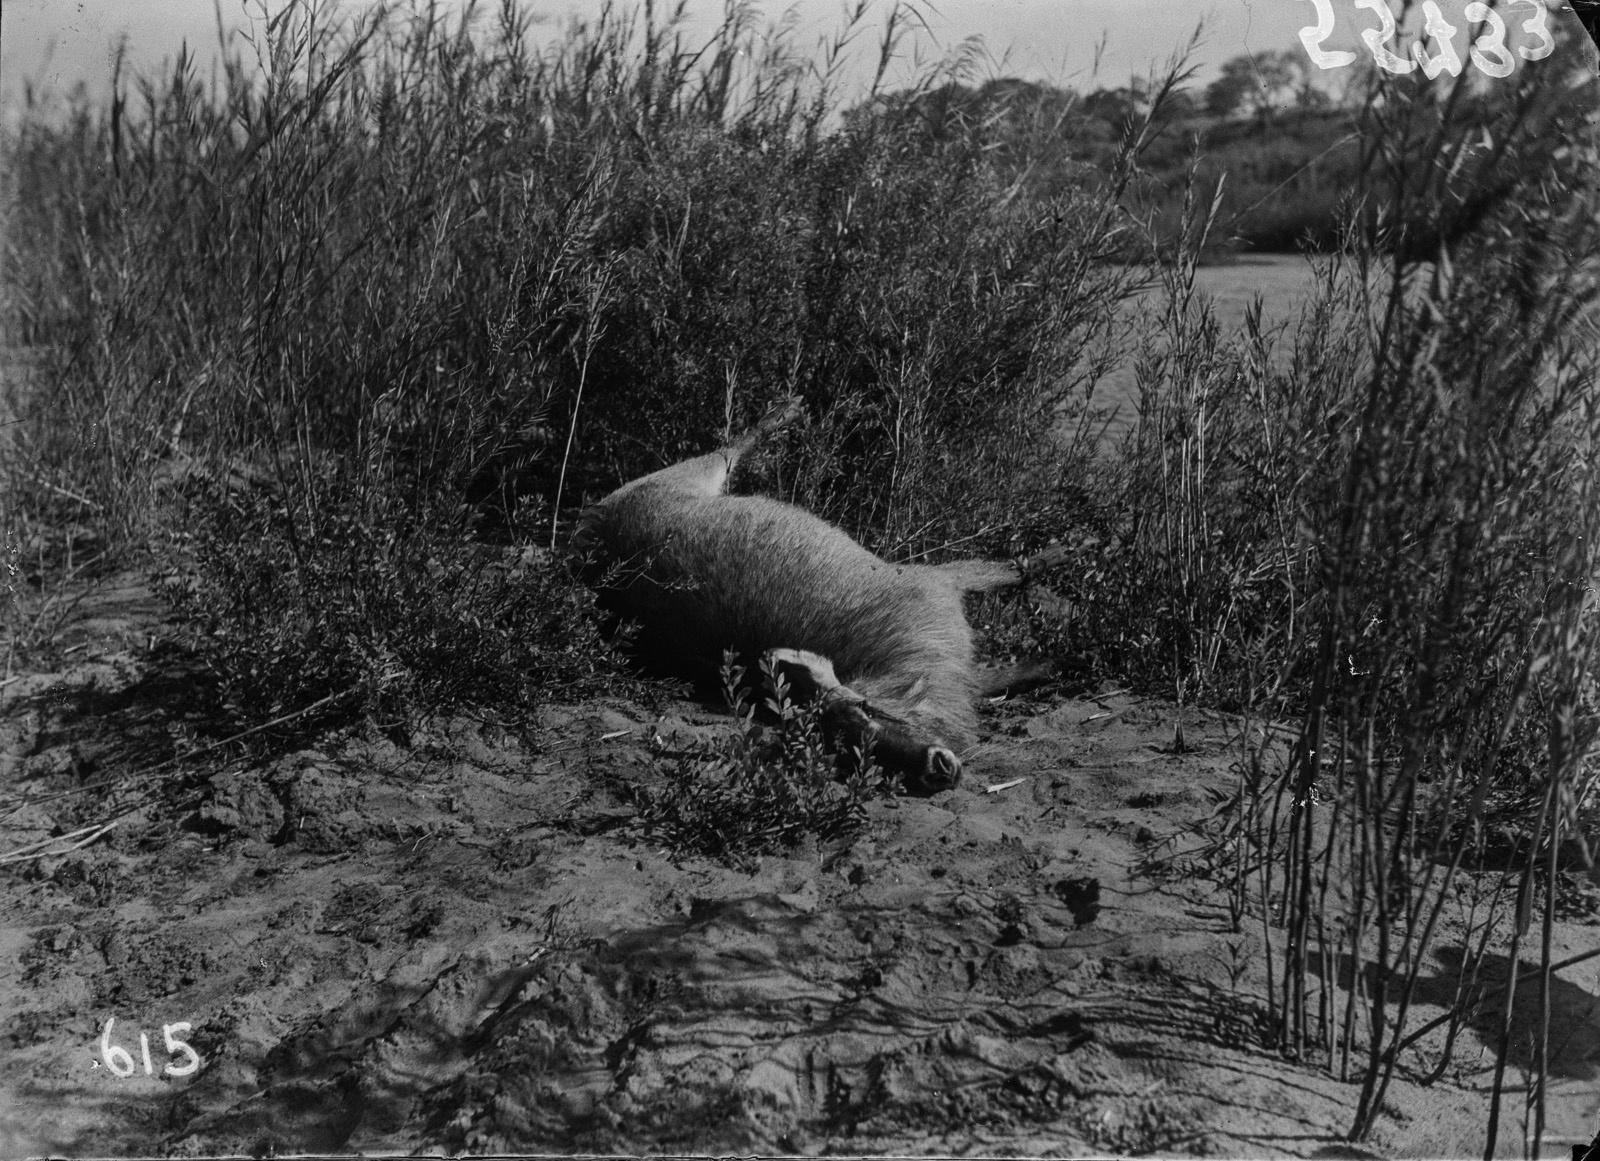 Национальный парк Крюгера. Подстреленный водный козёл.